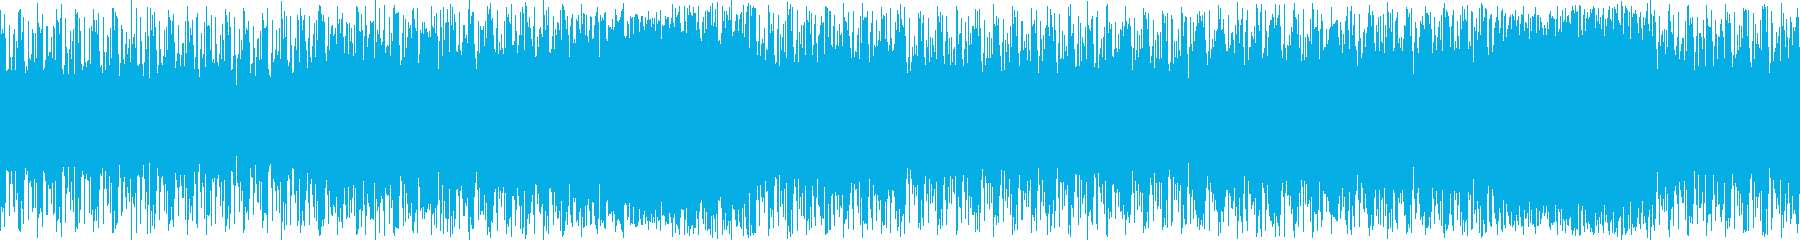 チュートリアルや解説に合うテクノ系BGMの再生済みの波形